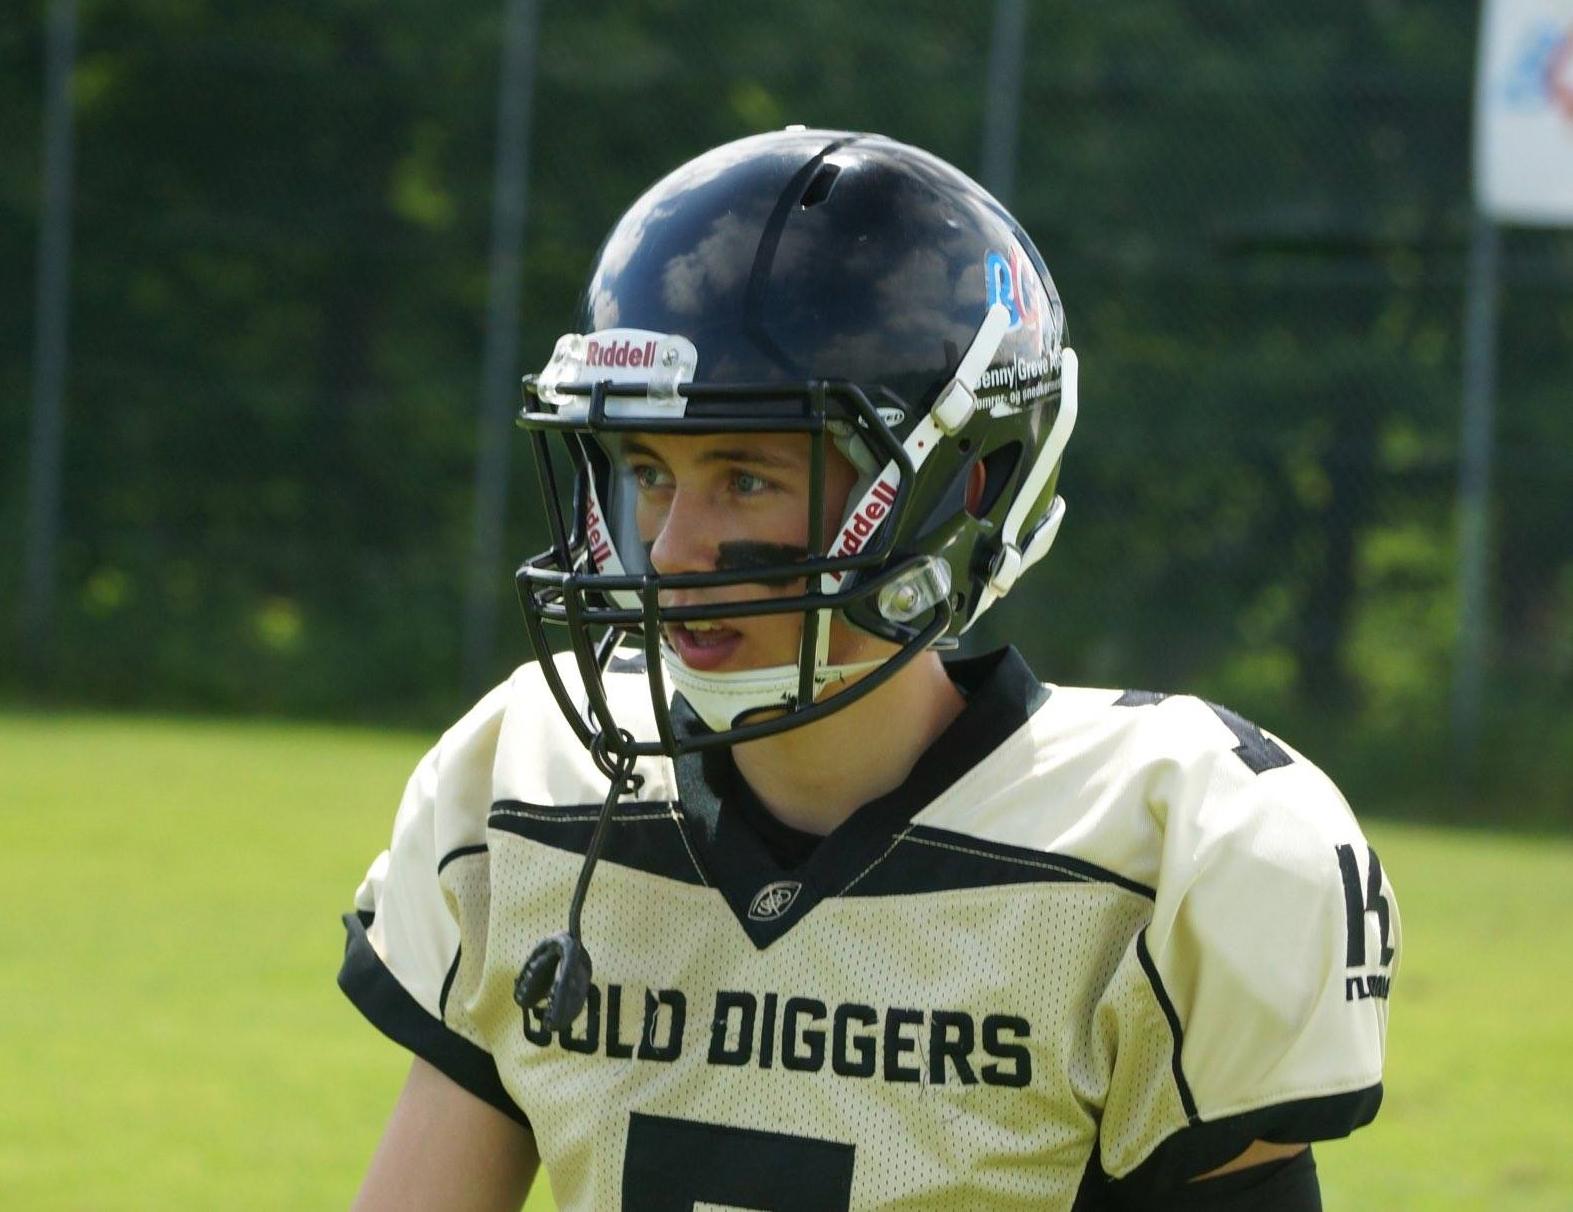 U16 spiller Emil Bøgh Borggreen. - Photo by Kenneth Ulrich